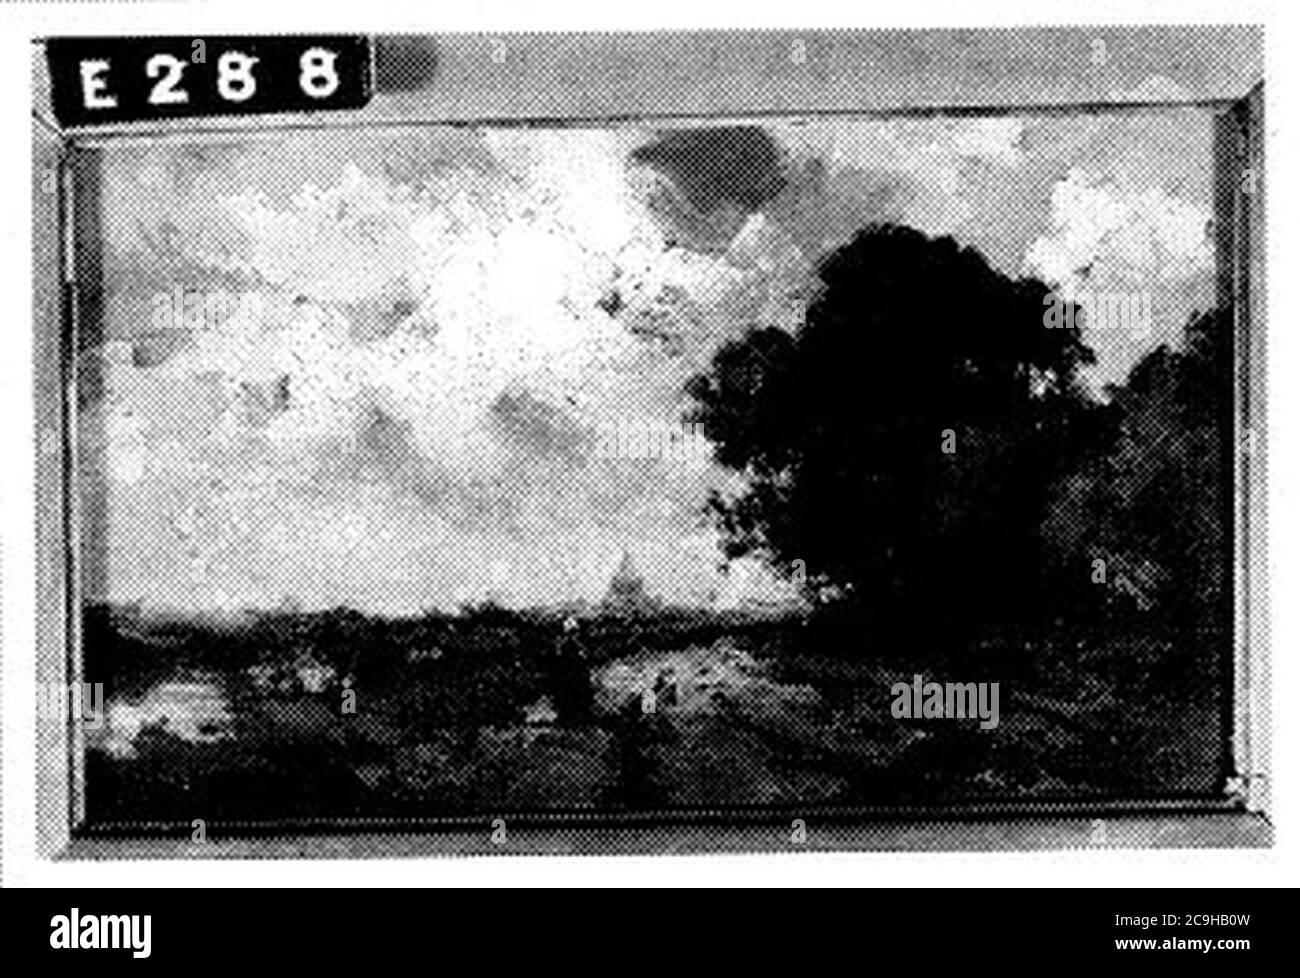 J. van der (1864-01-03) Linde - Landschap met landweg sloot en donkere lucht - E288 - Instituut Collectie Nederland. Stock Photo